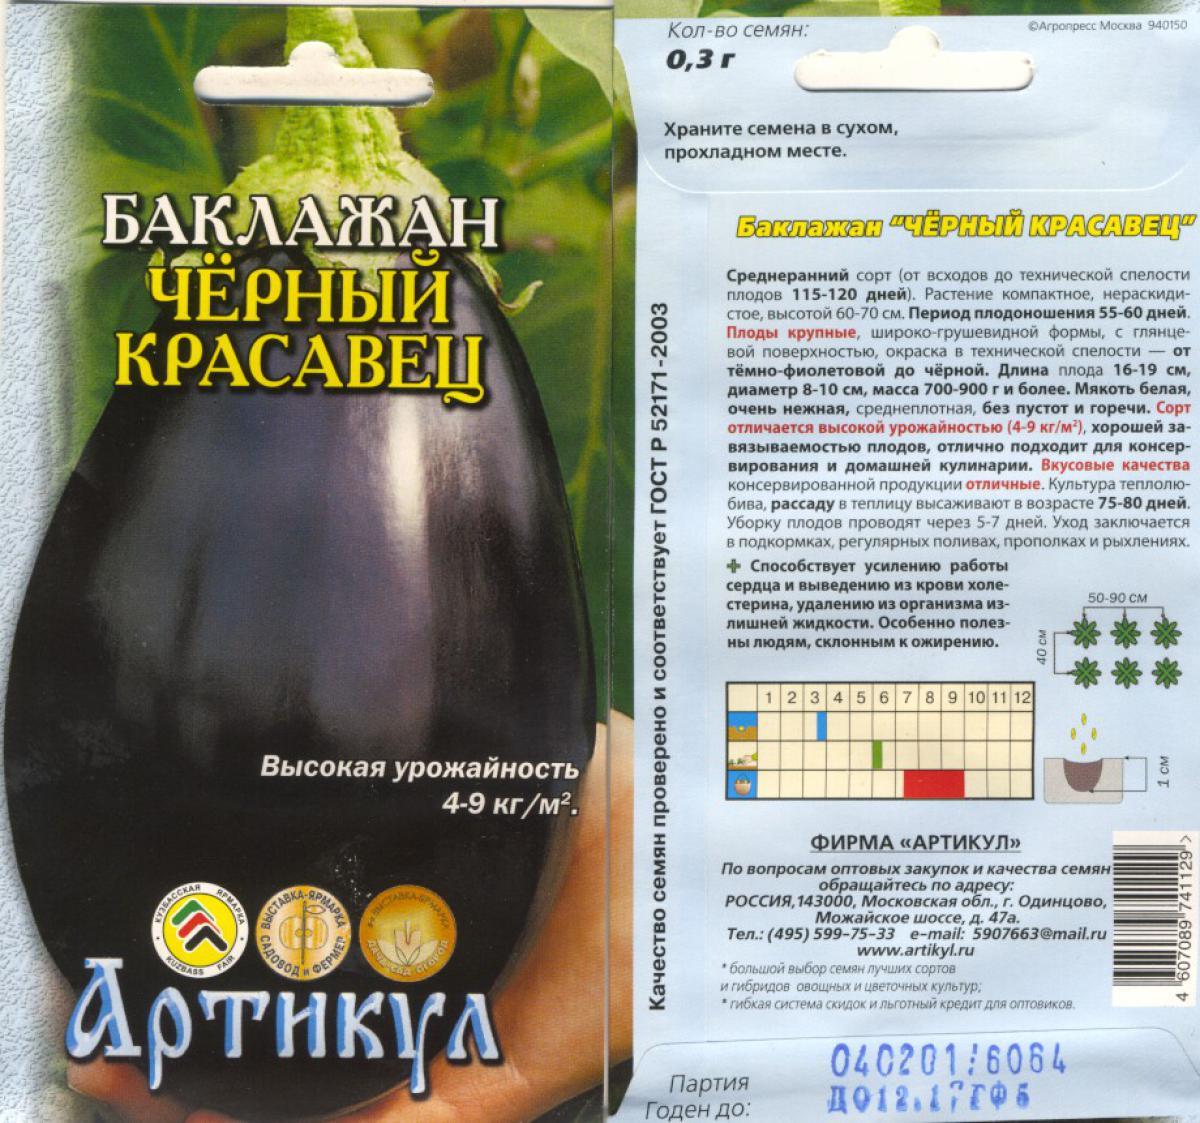 Сорт баклажанов черный красавец - описание и характеристика, фото